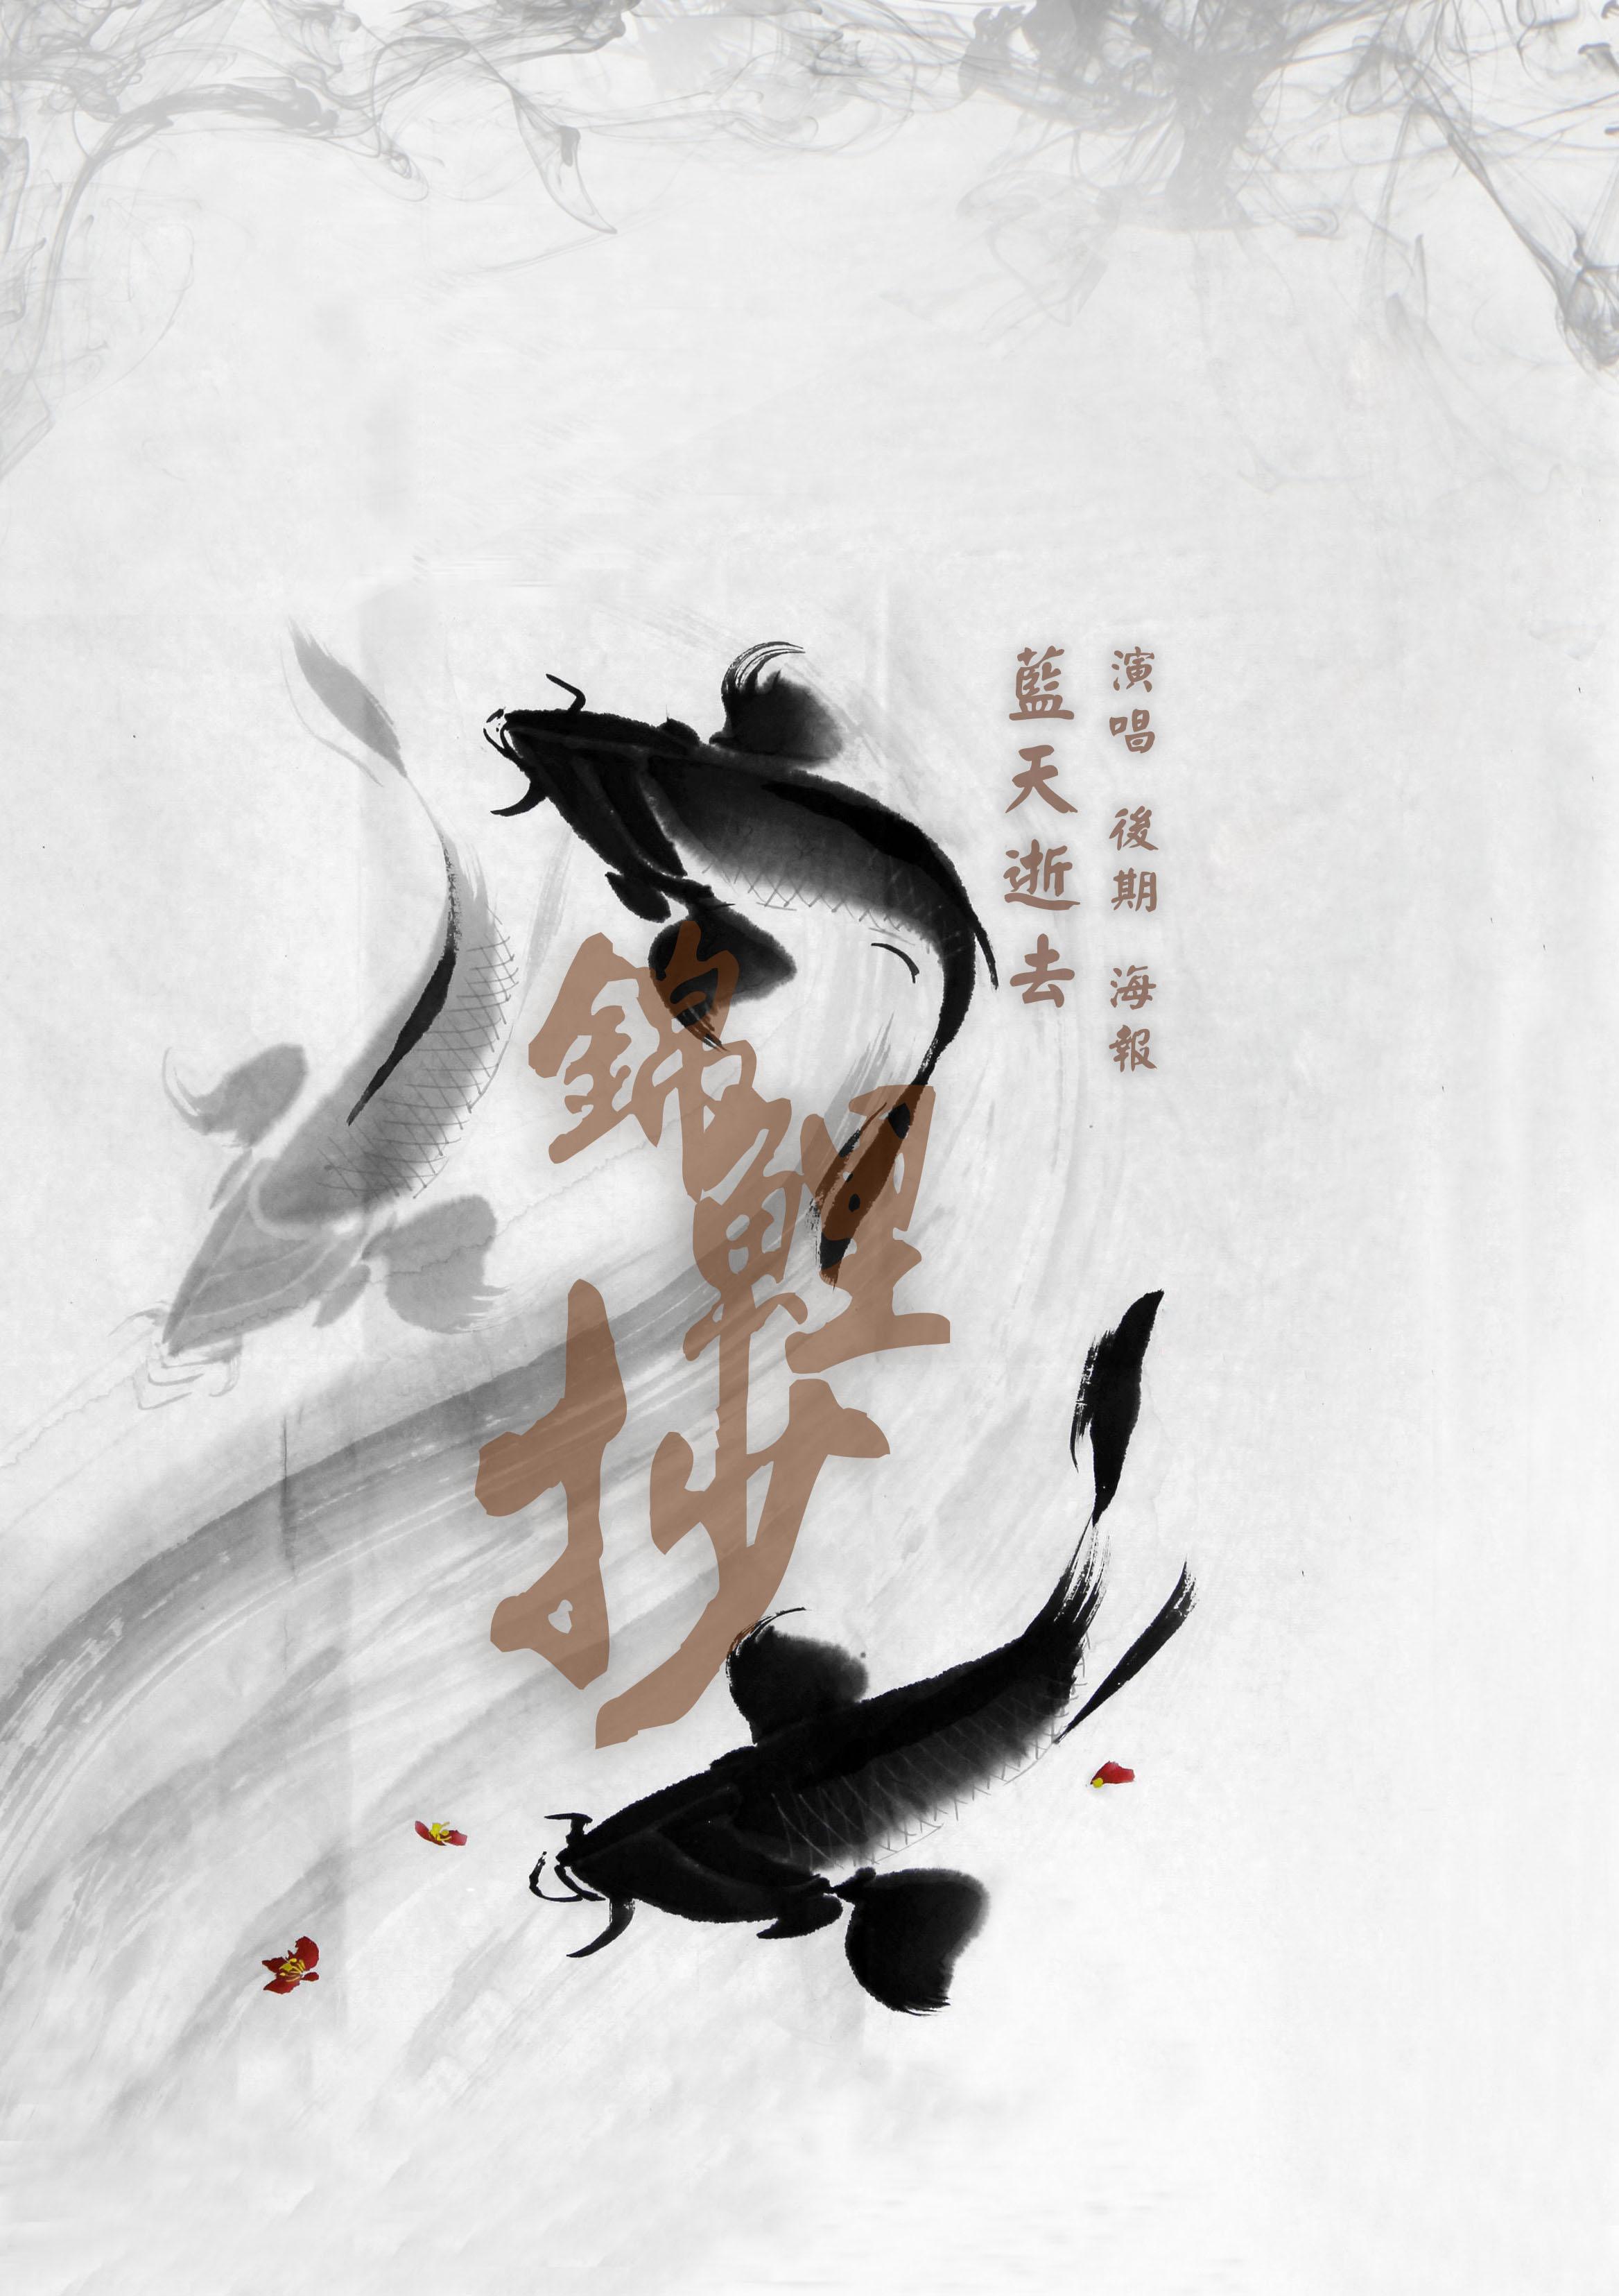 锦鲤抄 手绘